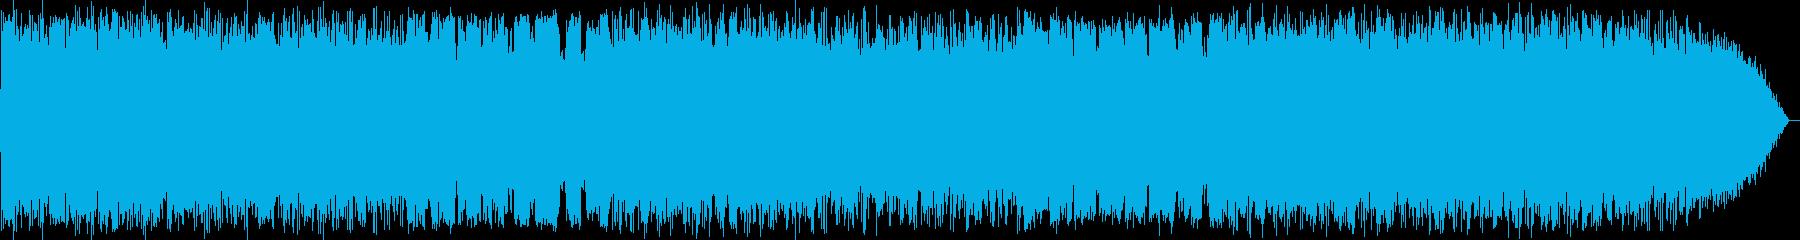 爽やかで少し切ない笛のメロディーの再生済みの波形